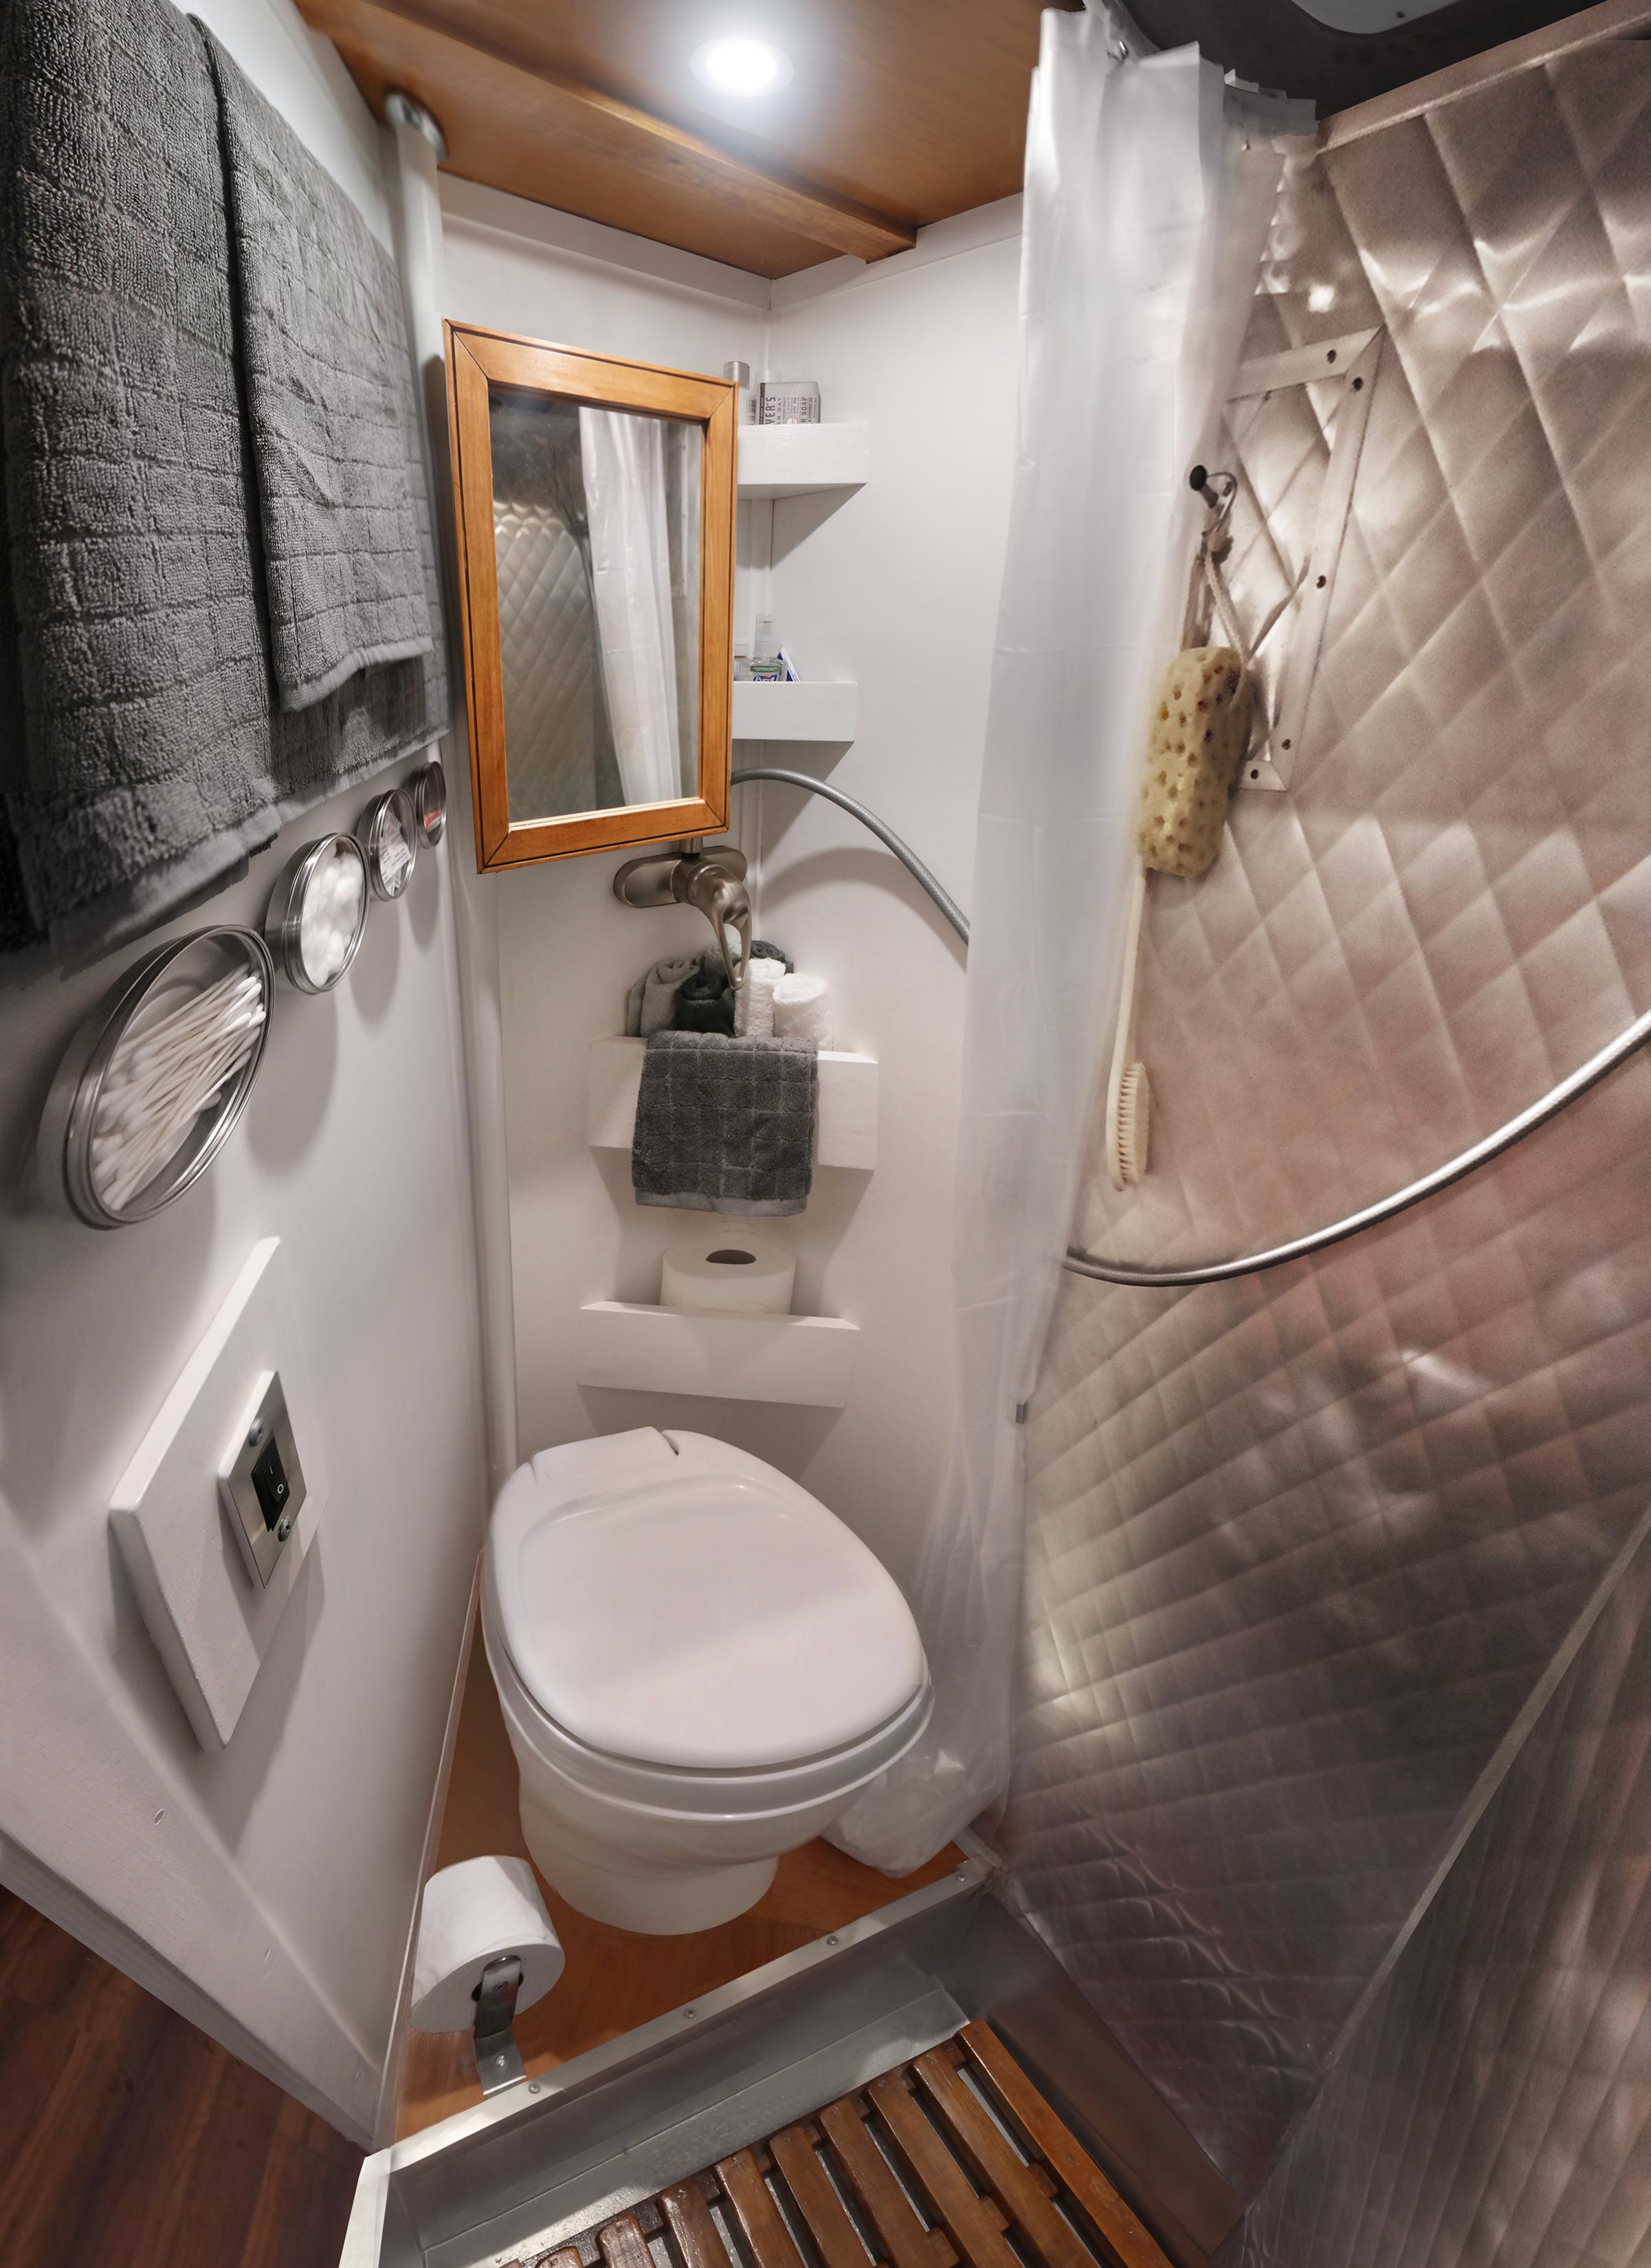 1965 Shasta Super 18 Camper Renovation DIY Vintage Home Bathroom